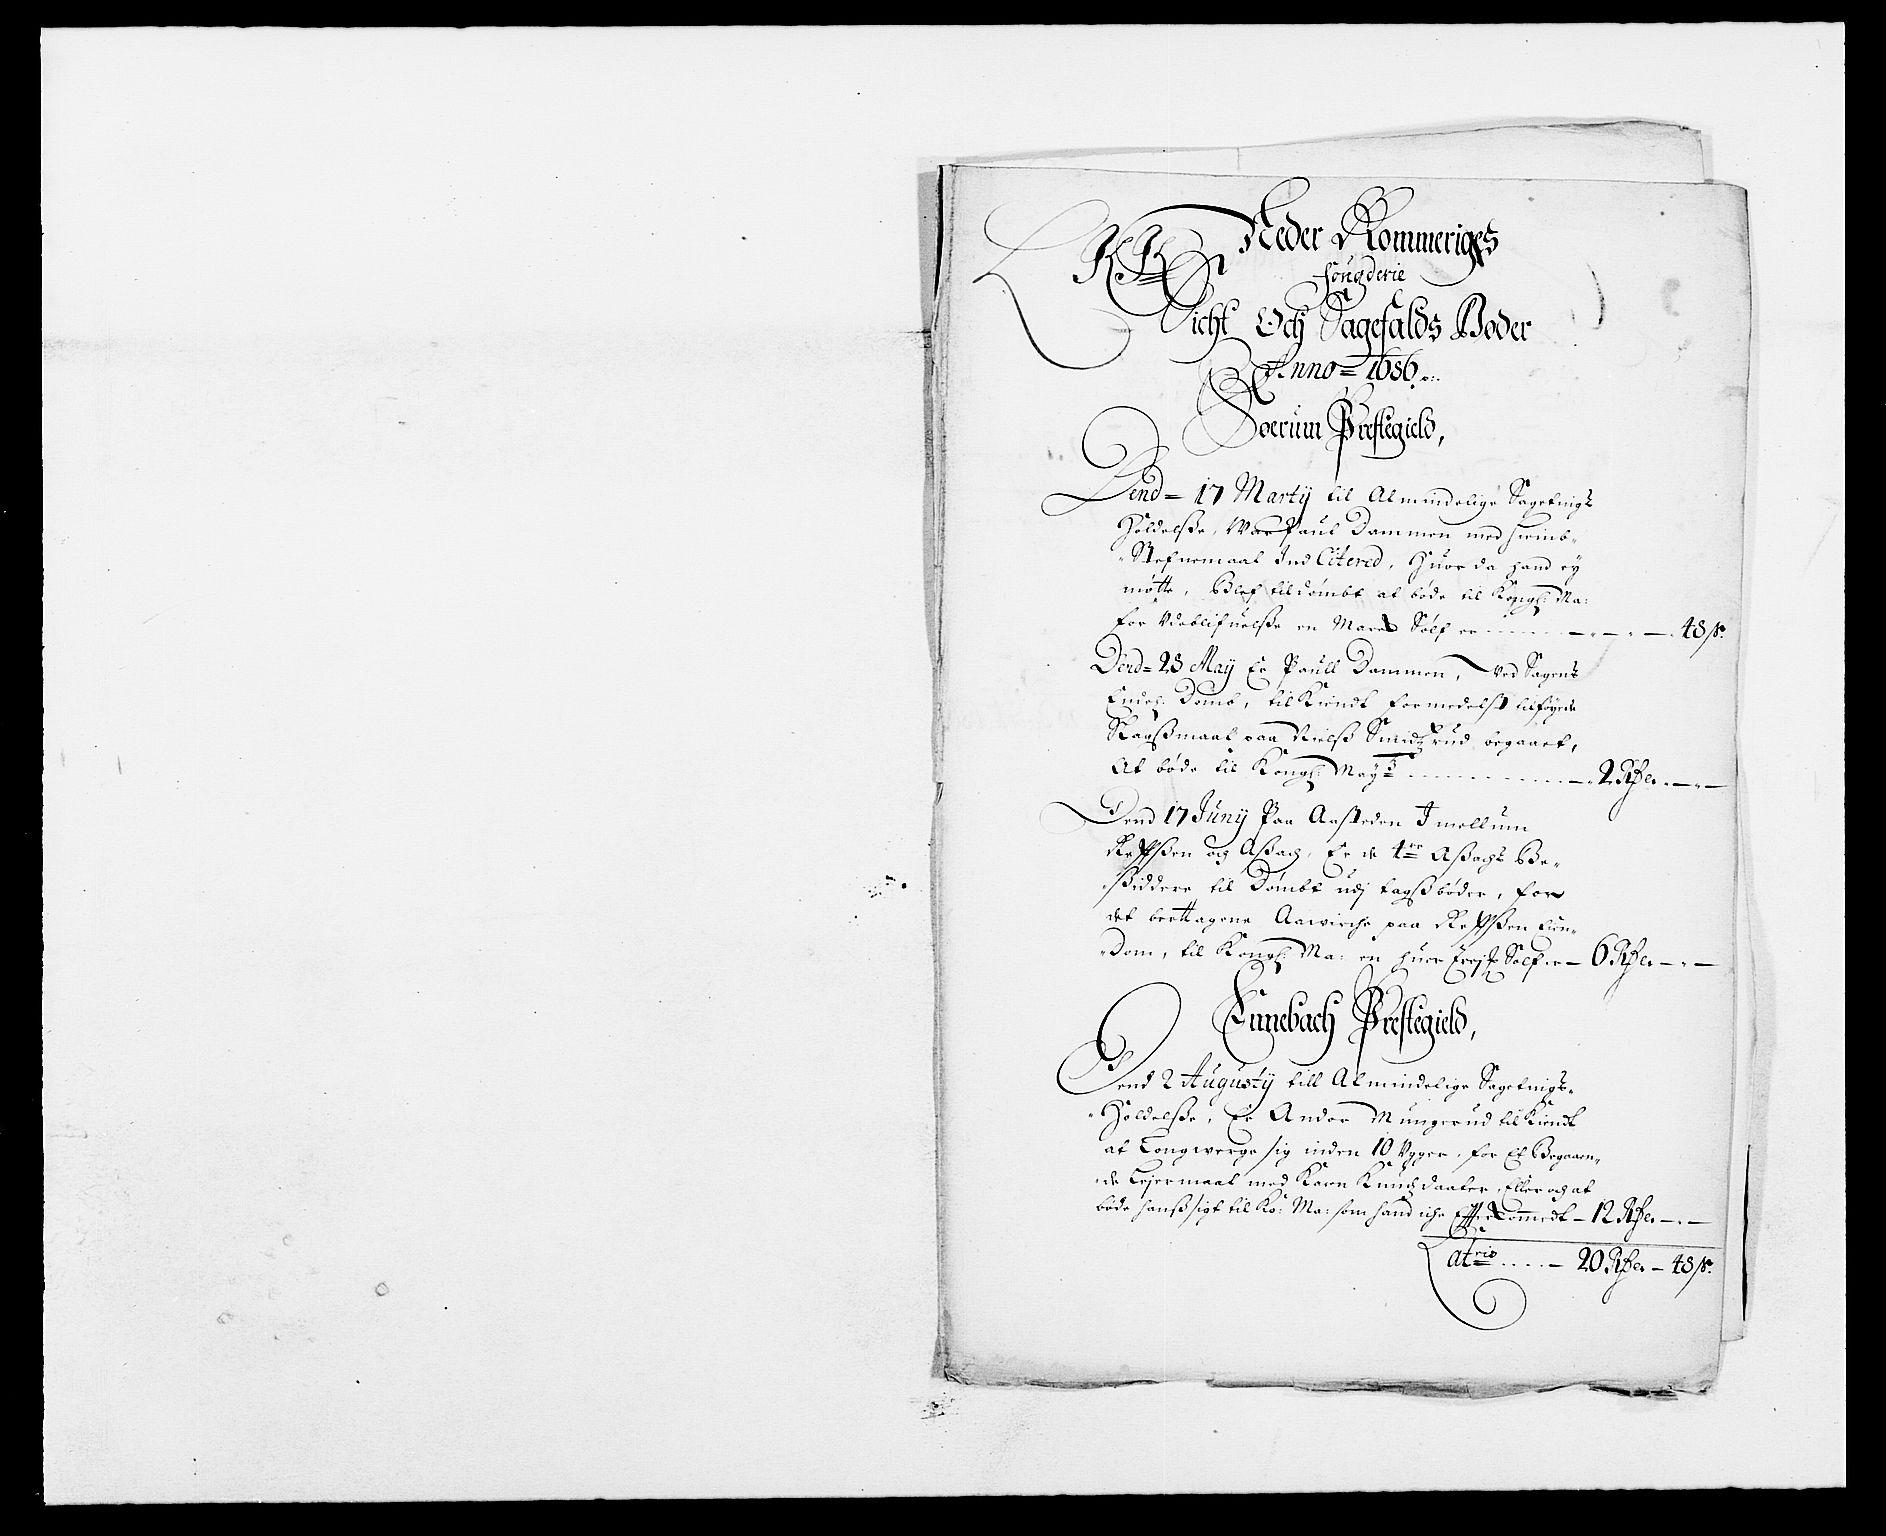 RA, Rentekammeret inntil 1814, Reviderte regnskaper, Fogderegnskap, R11/L0572: Fogderegnskap Nedre Romerike, 1686-1687, s. 59